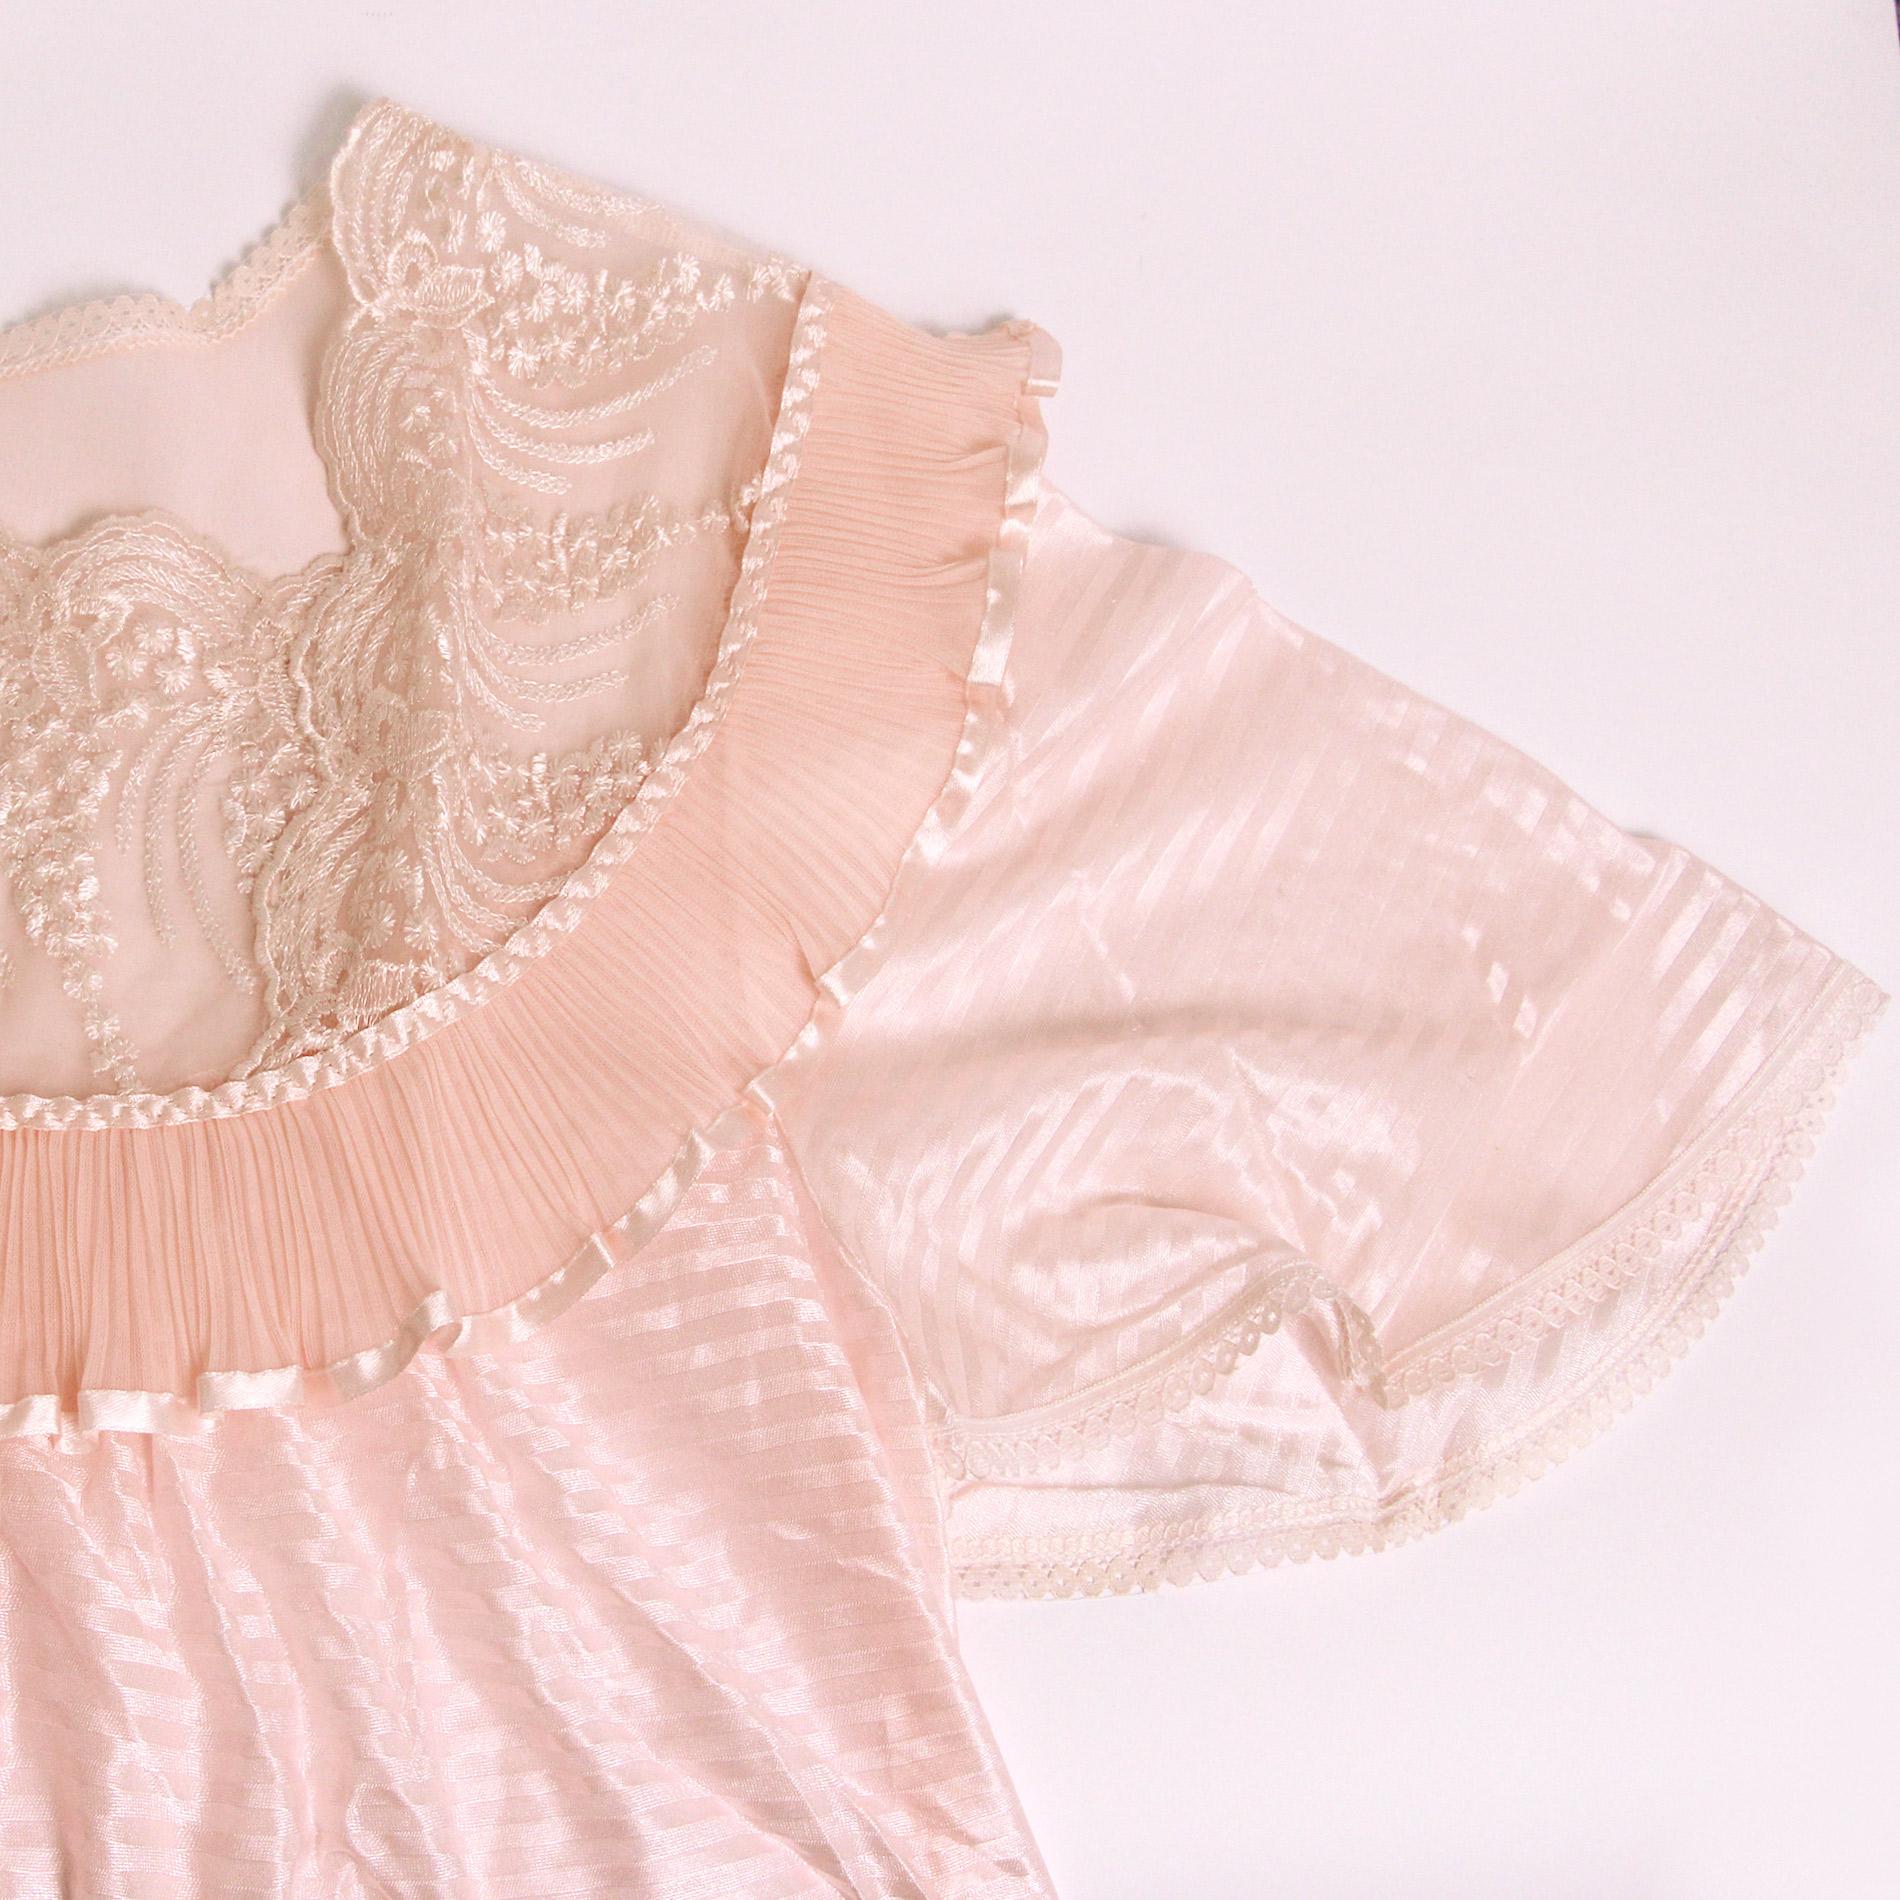 لباس خواب زنانه ماییلدا مدل 3595-1 main 1 4